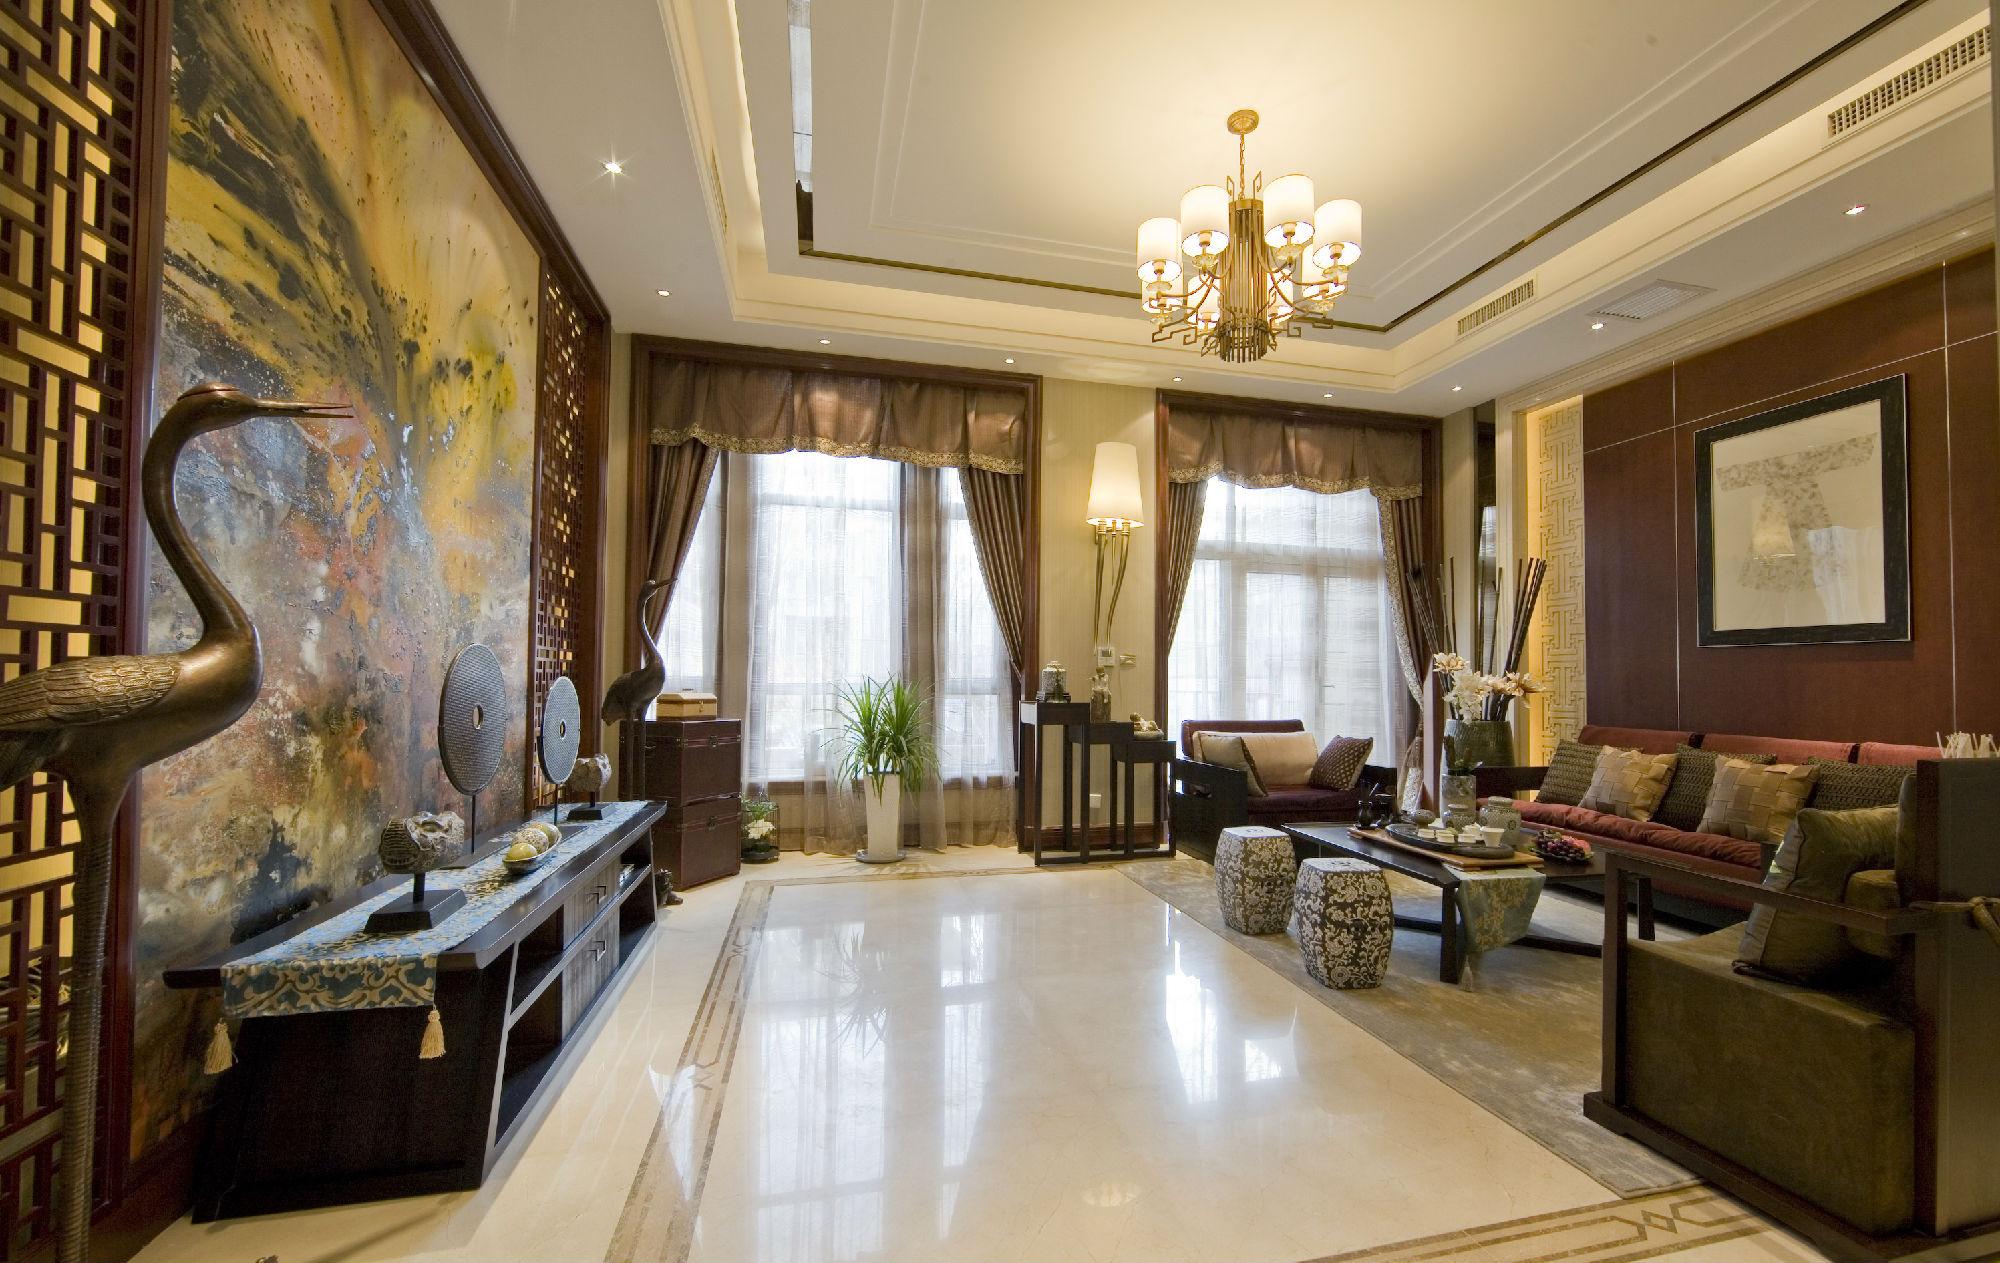 时尚中式风格客厅 大理石的地板,在灯光的照耀下,使得屋内看起来亮了许多。沙发对面的背景墙,是一整幅中国式的古典花鸟图,这样无形中增加了古典的气息,屋顶上有着精致的吊灯,背景墙下面放的竟然不是电视,而是具有中国古典意义的装饰品,加上两个铜质的仙鹤,一切都无可挑剔。